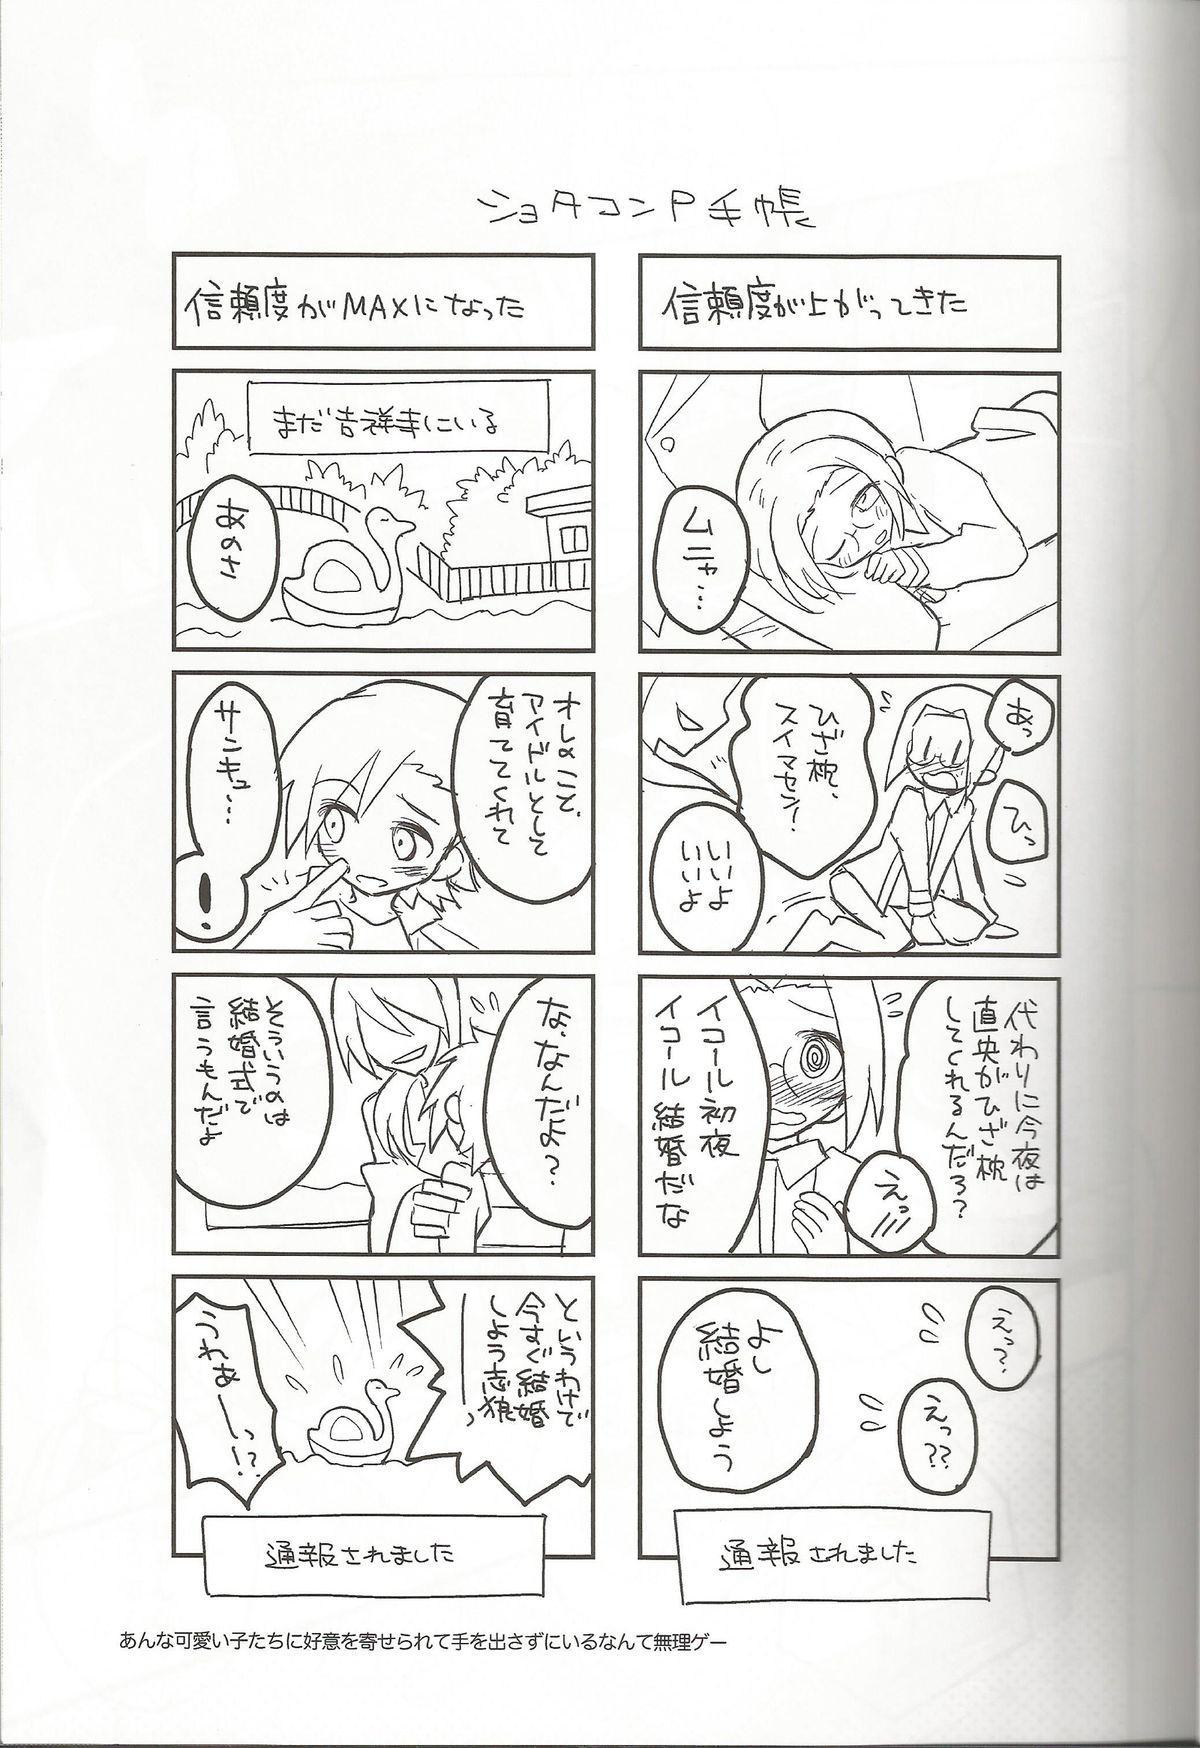 Toppatsu! Mofugyu! 11